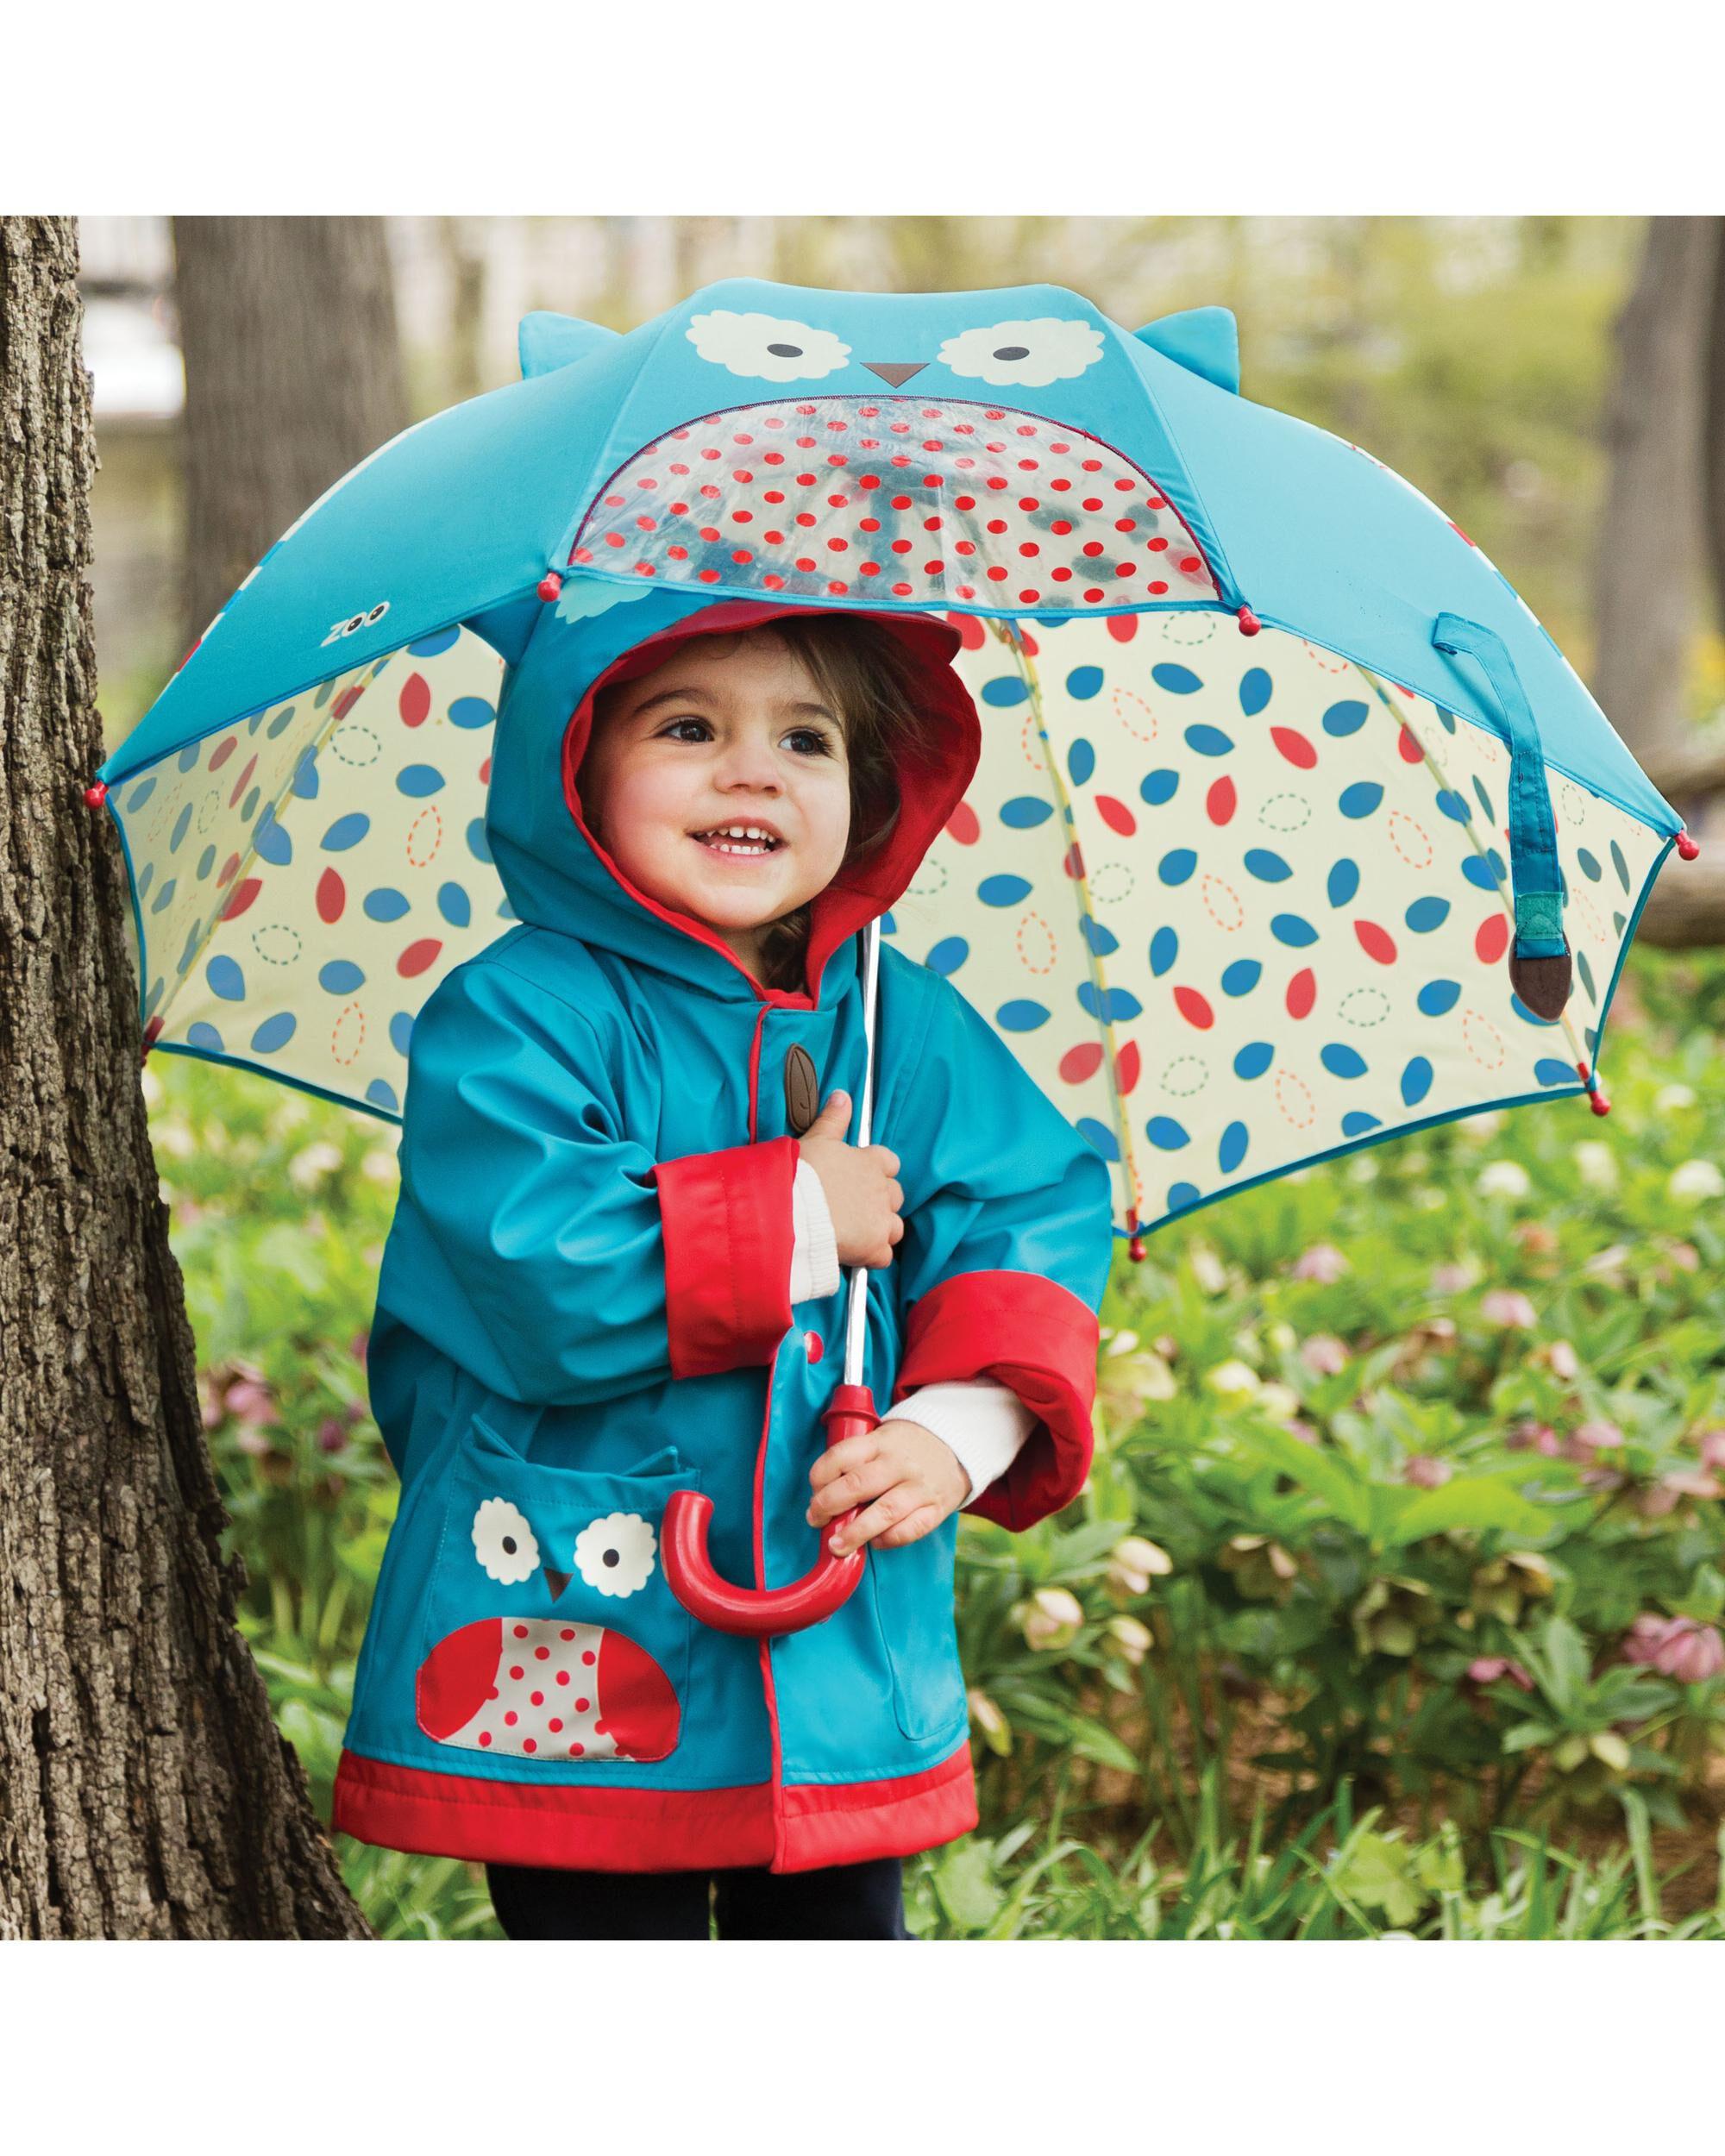 Zoobrella Little Kid Umbrella